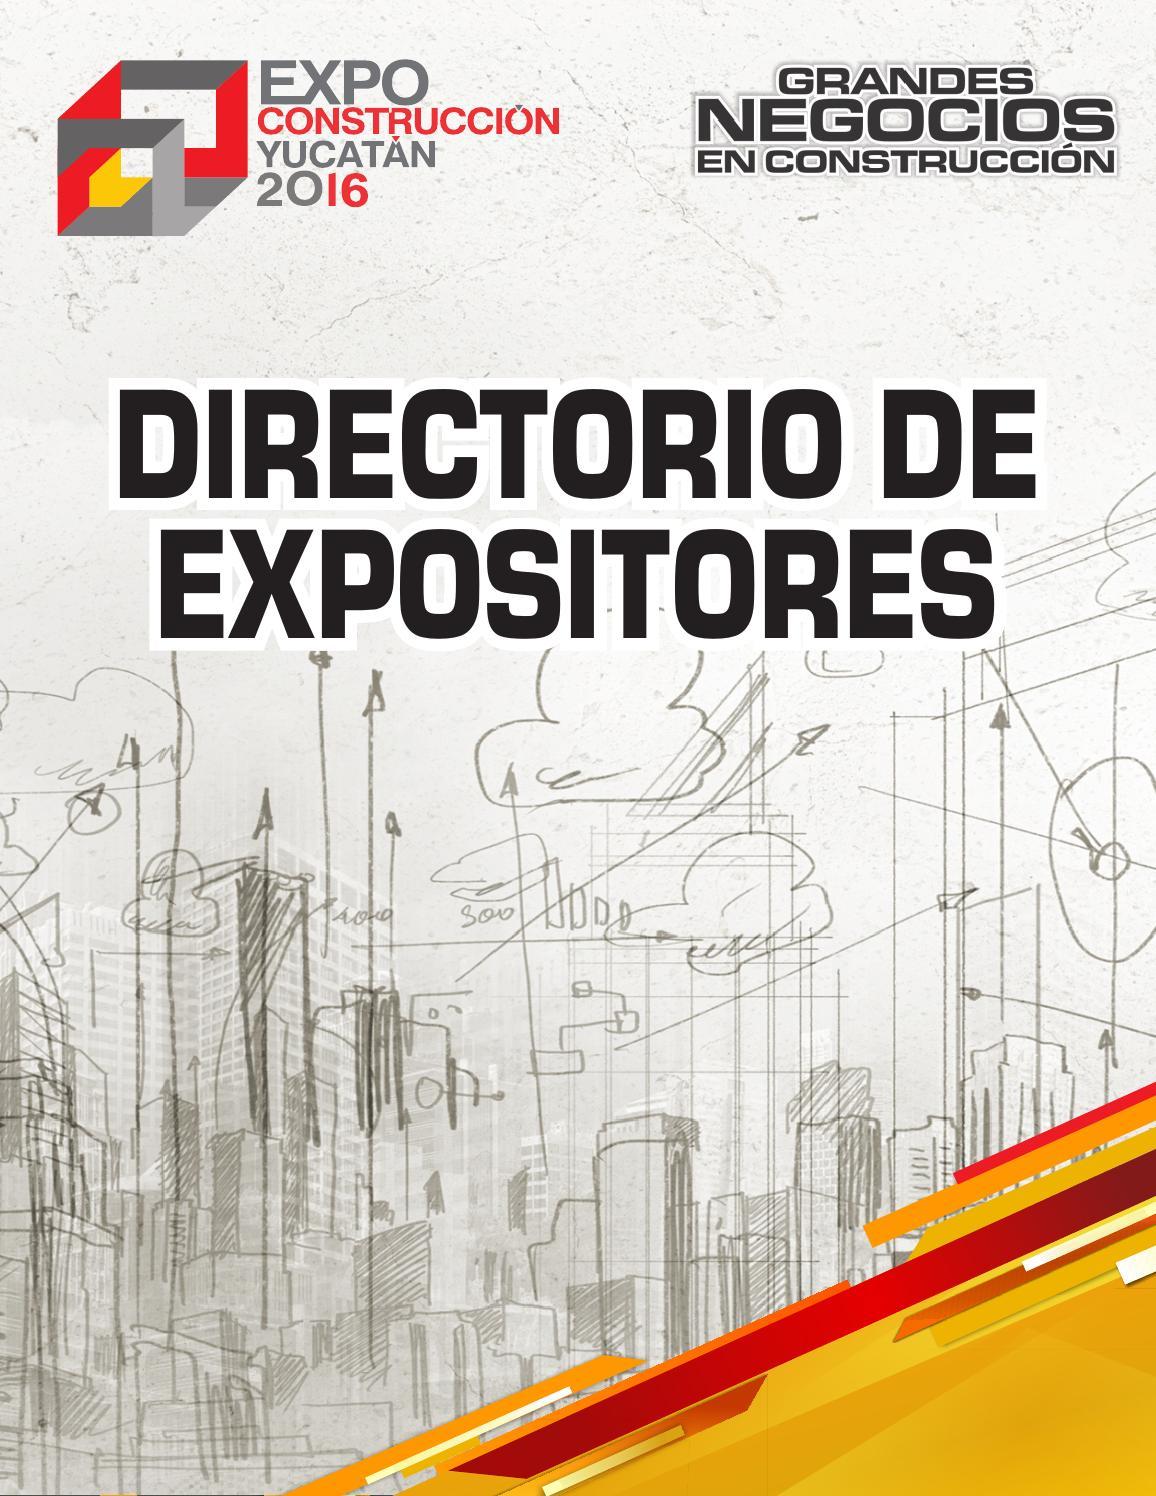 Revista Construart Ed 05 2017 By Revistaconstruart Issuu # Fabrica De Muebles Pudahuel